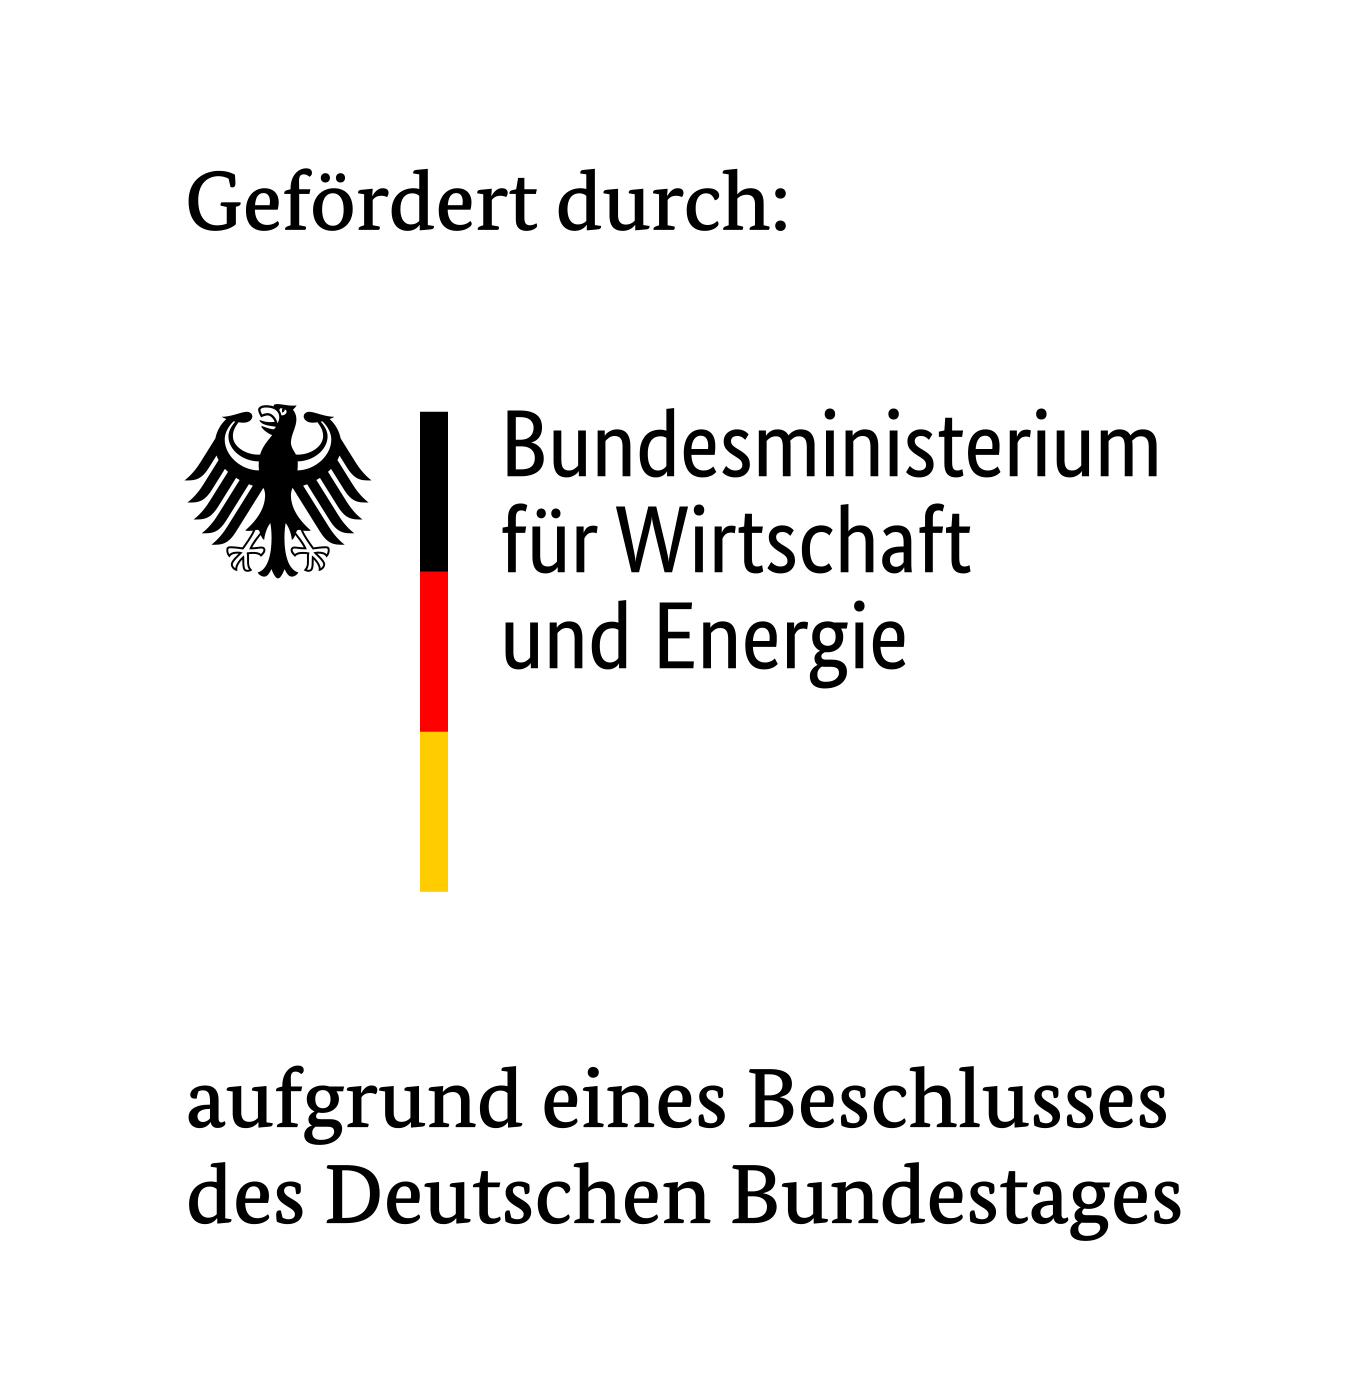 BMWi_Fz_2017_Office_Farbe_de